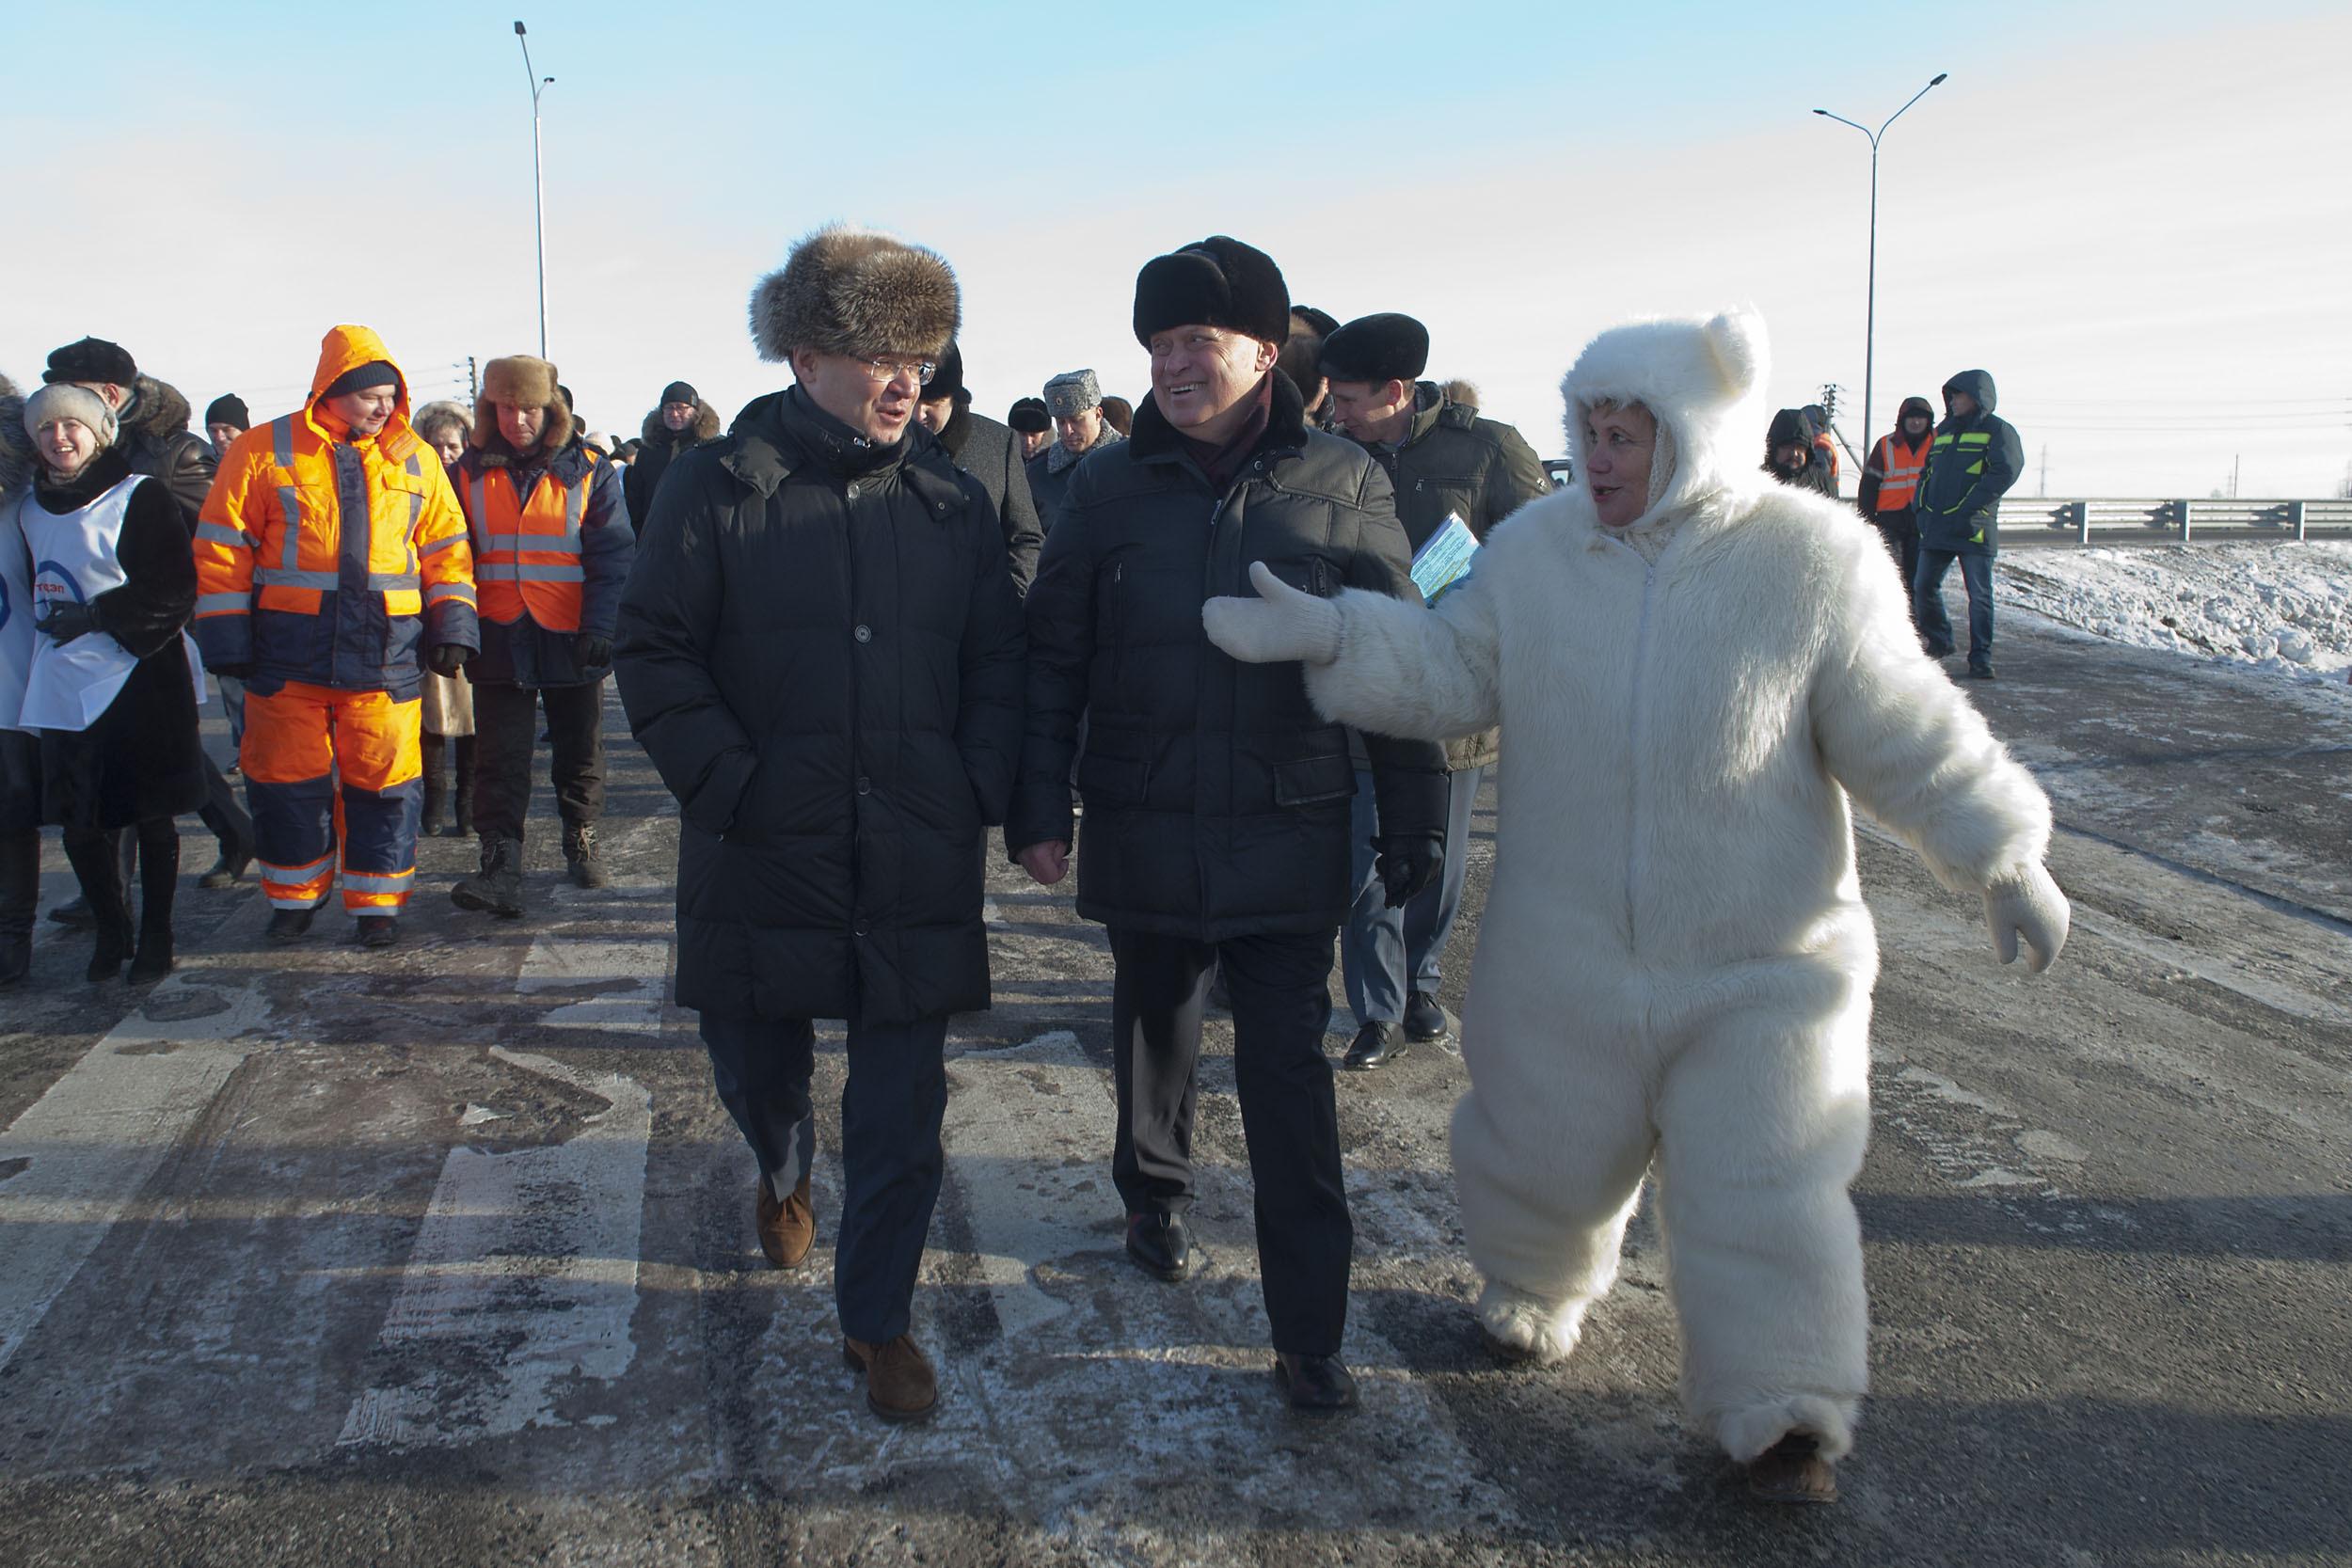 Депутат Тюменской городской Думы Альбина Селезнева на официальное открытие дороги пришла в костюме медведя. Фото: admtyumen.ru